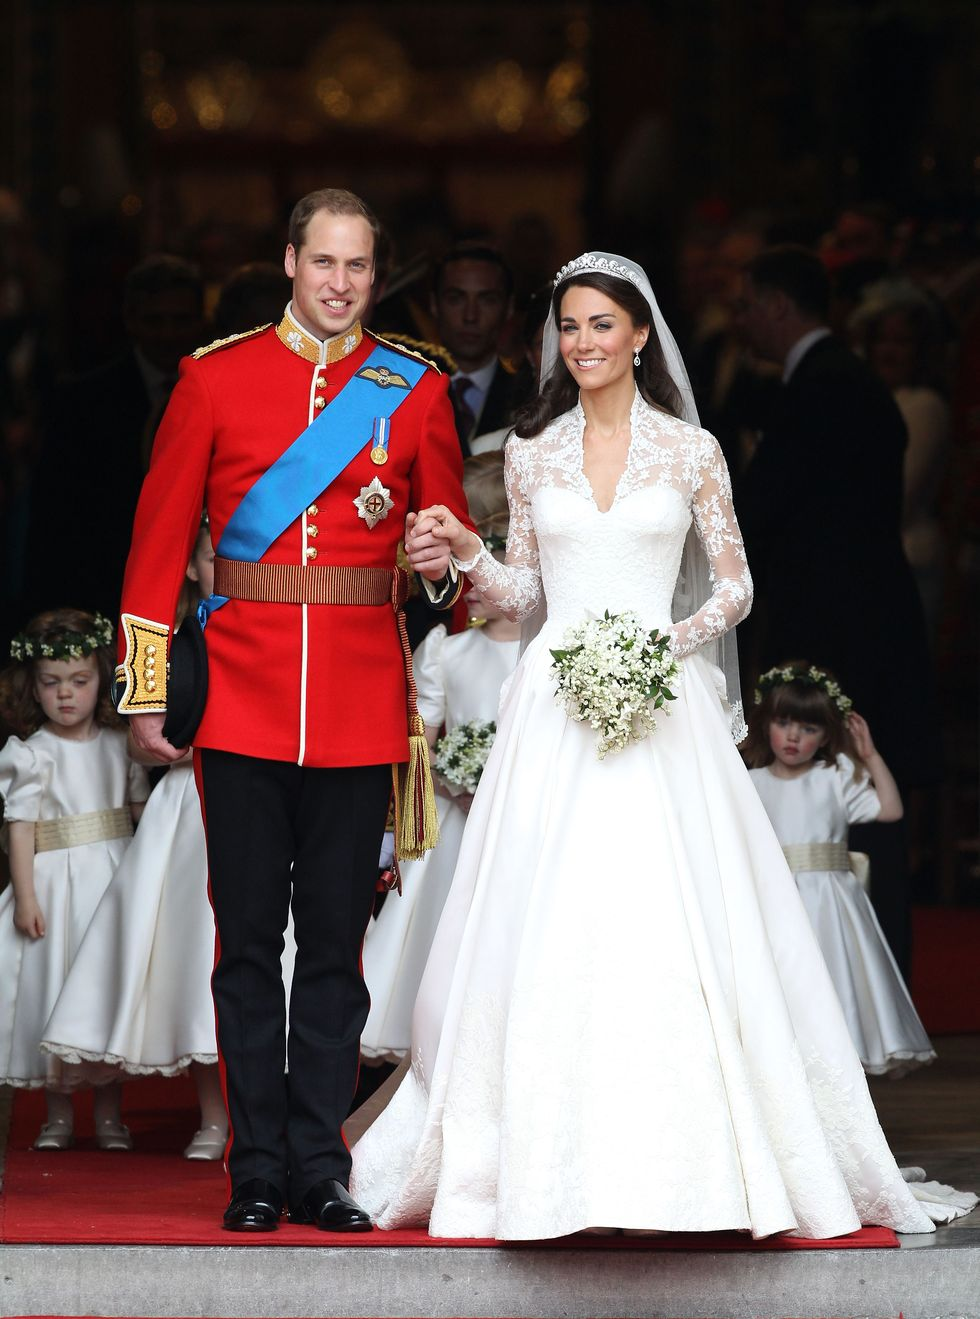 Kate Middleton vẫn luôn thon thả dù đã xấp xỉ 40 và qua 3 lần sinh nở nhờ tuân theo 4 giai đoạn ăn uống giảm cân: Vòng eo hiện tại còn thon hơn cả thời con gái - Ảnh 2.